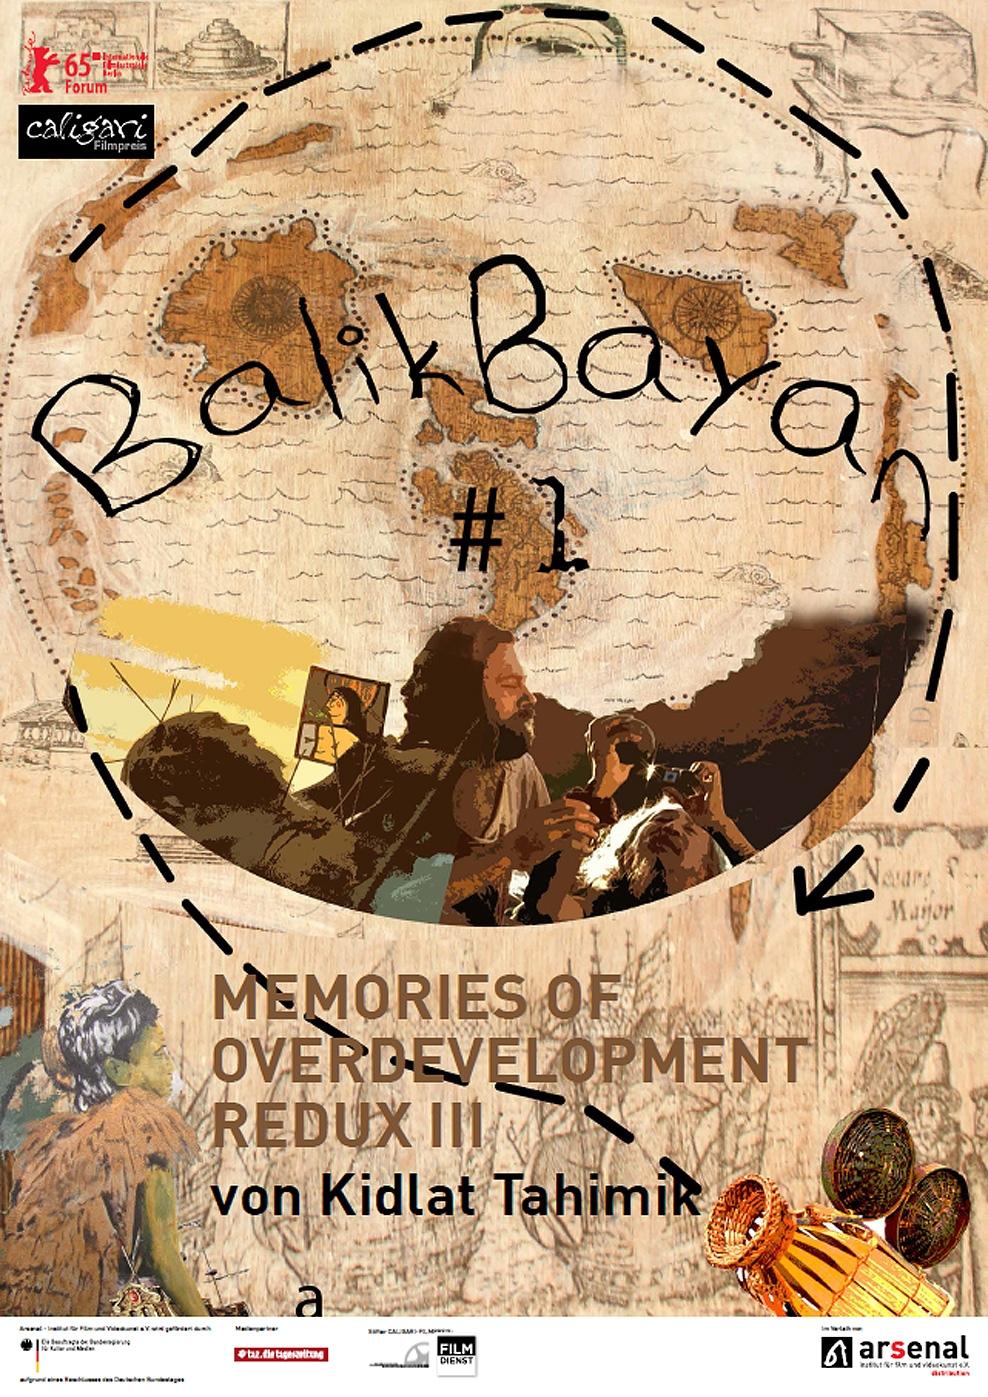 Balikbayan #1 - Memories of Overdevelopment Redux III (Poster)